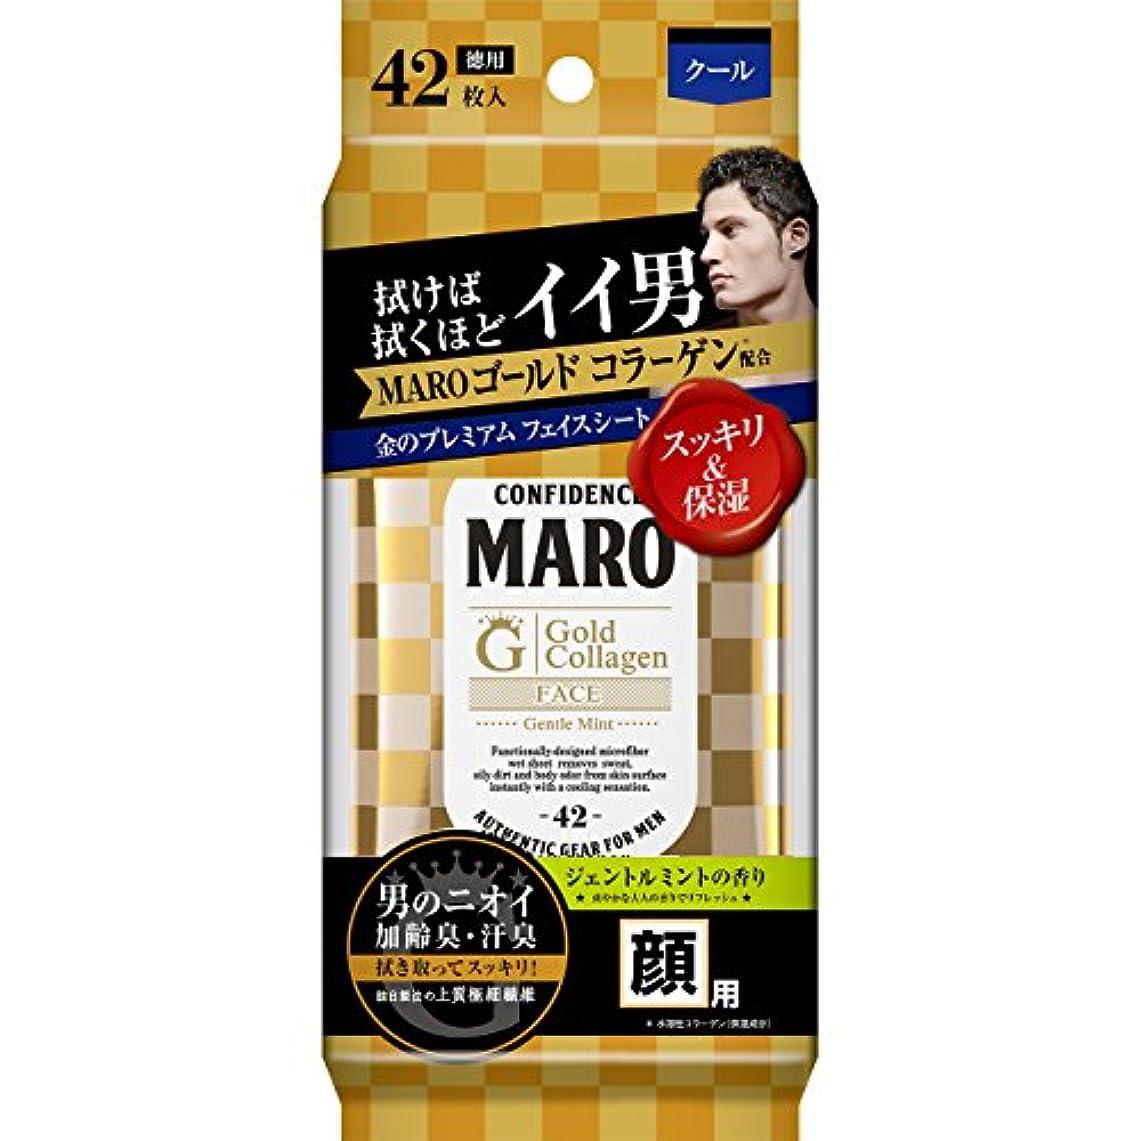 ベール何か発表MARO プレミアム フェイスシート GOLD ジェントルミントの香り 42枚入